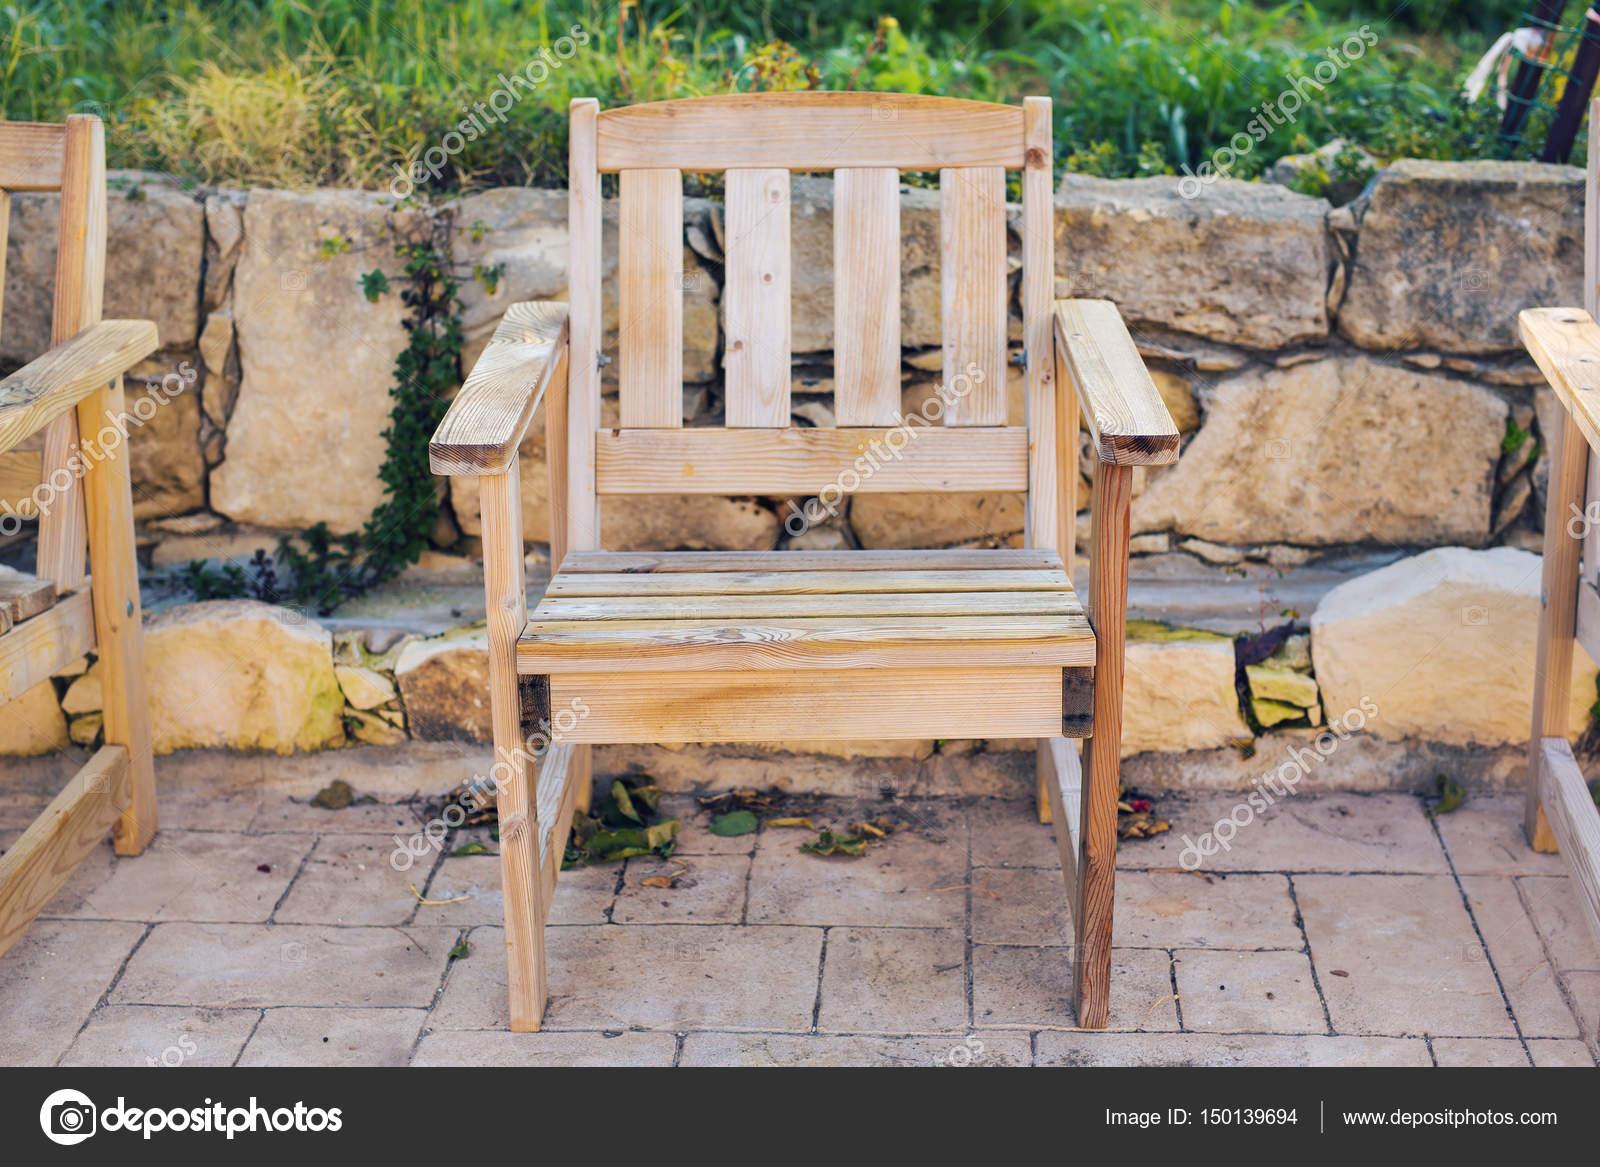 Outdoor Möbeln Aus Holz. Liegestühle Im Garten Des Hotels Lädt Zum  Entspannen U2014 Stockfoto